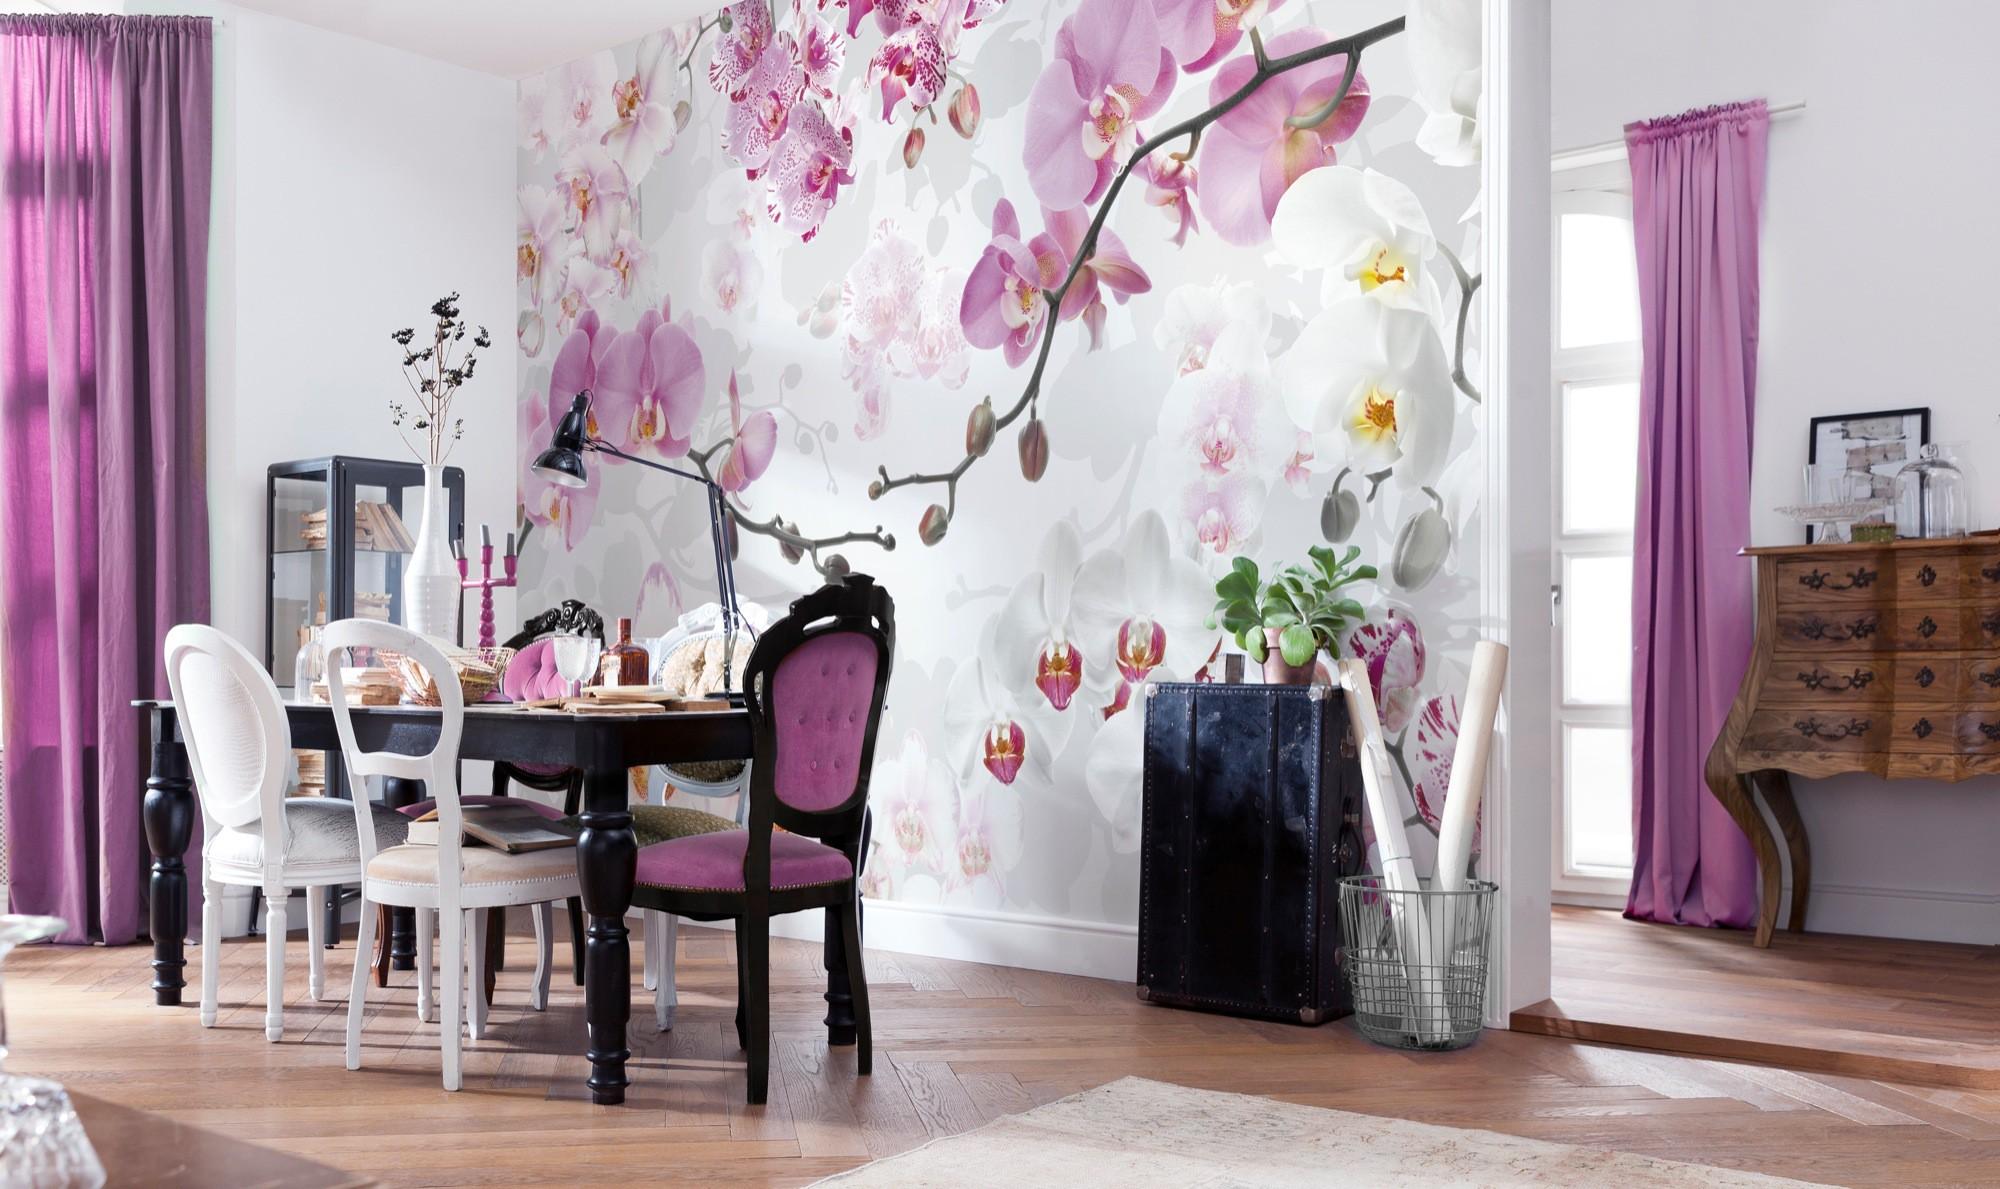 Интерьер кухонь с фотообоями орхидея